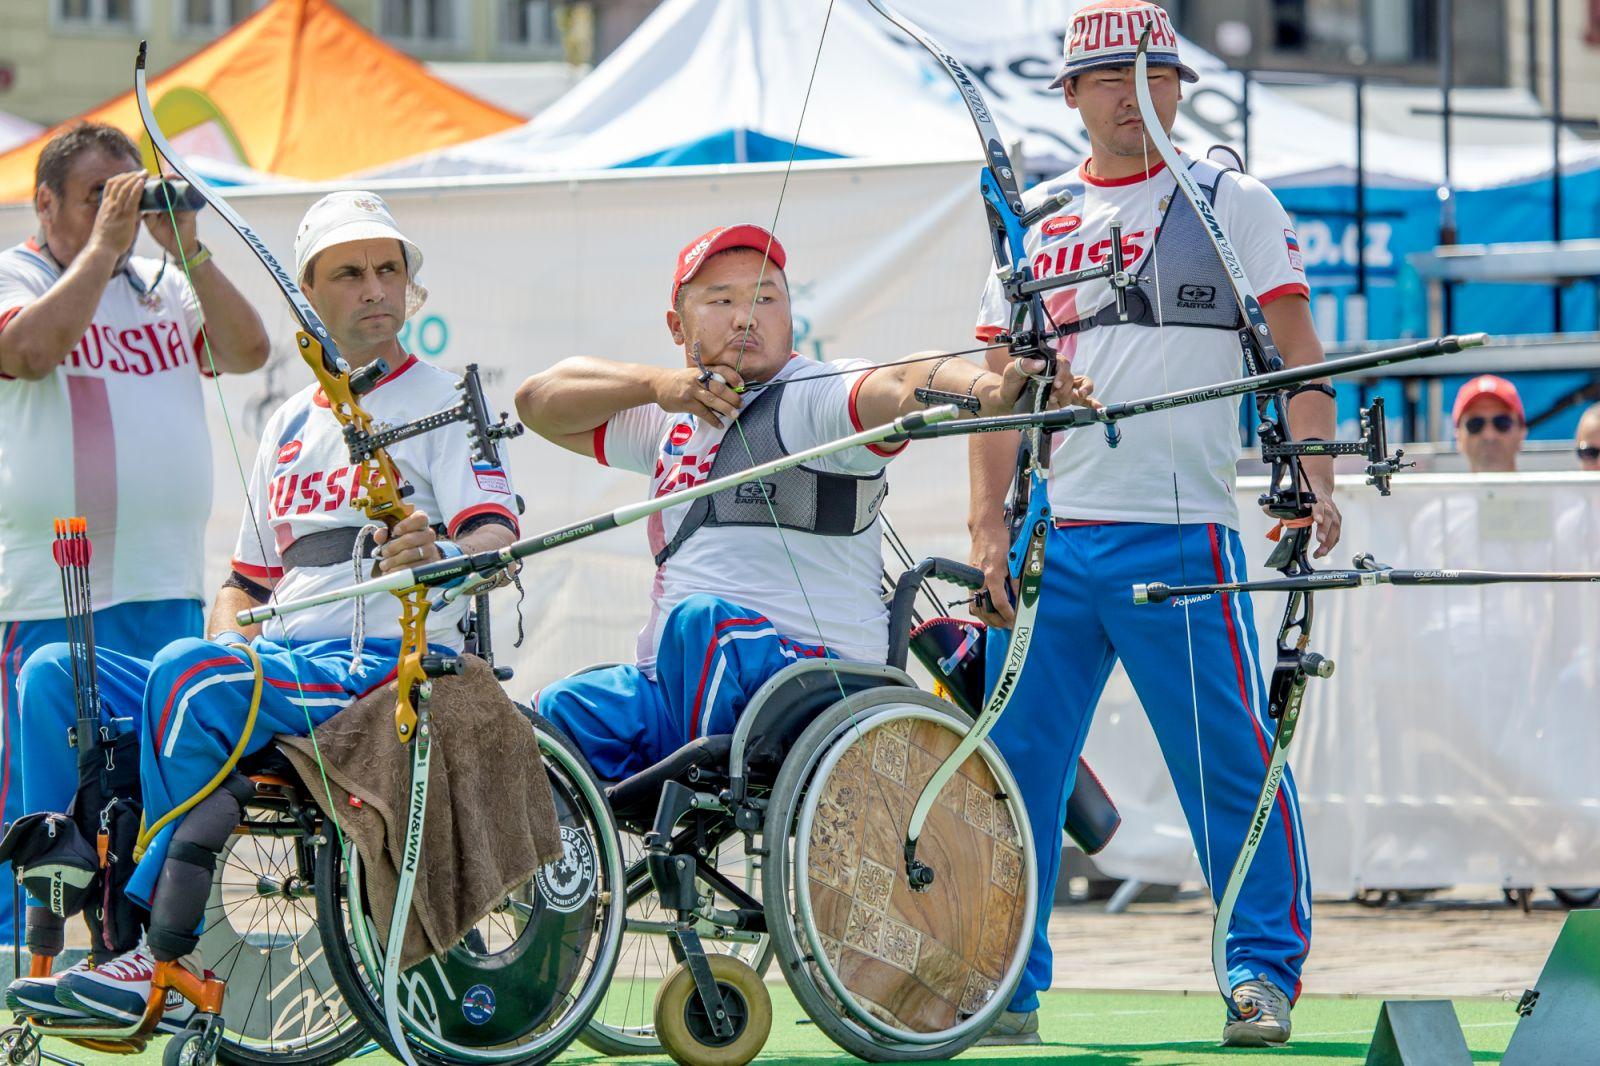 Сборная команда России выиграла общекомандный зачет чемпионата Европы по стрельбе из лука спорта лиц с ПОДА в Чехии